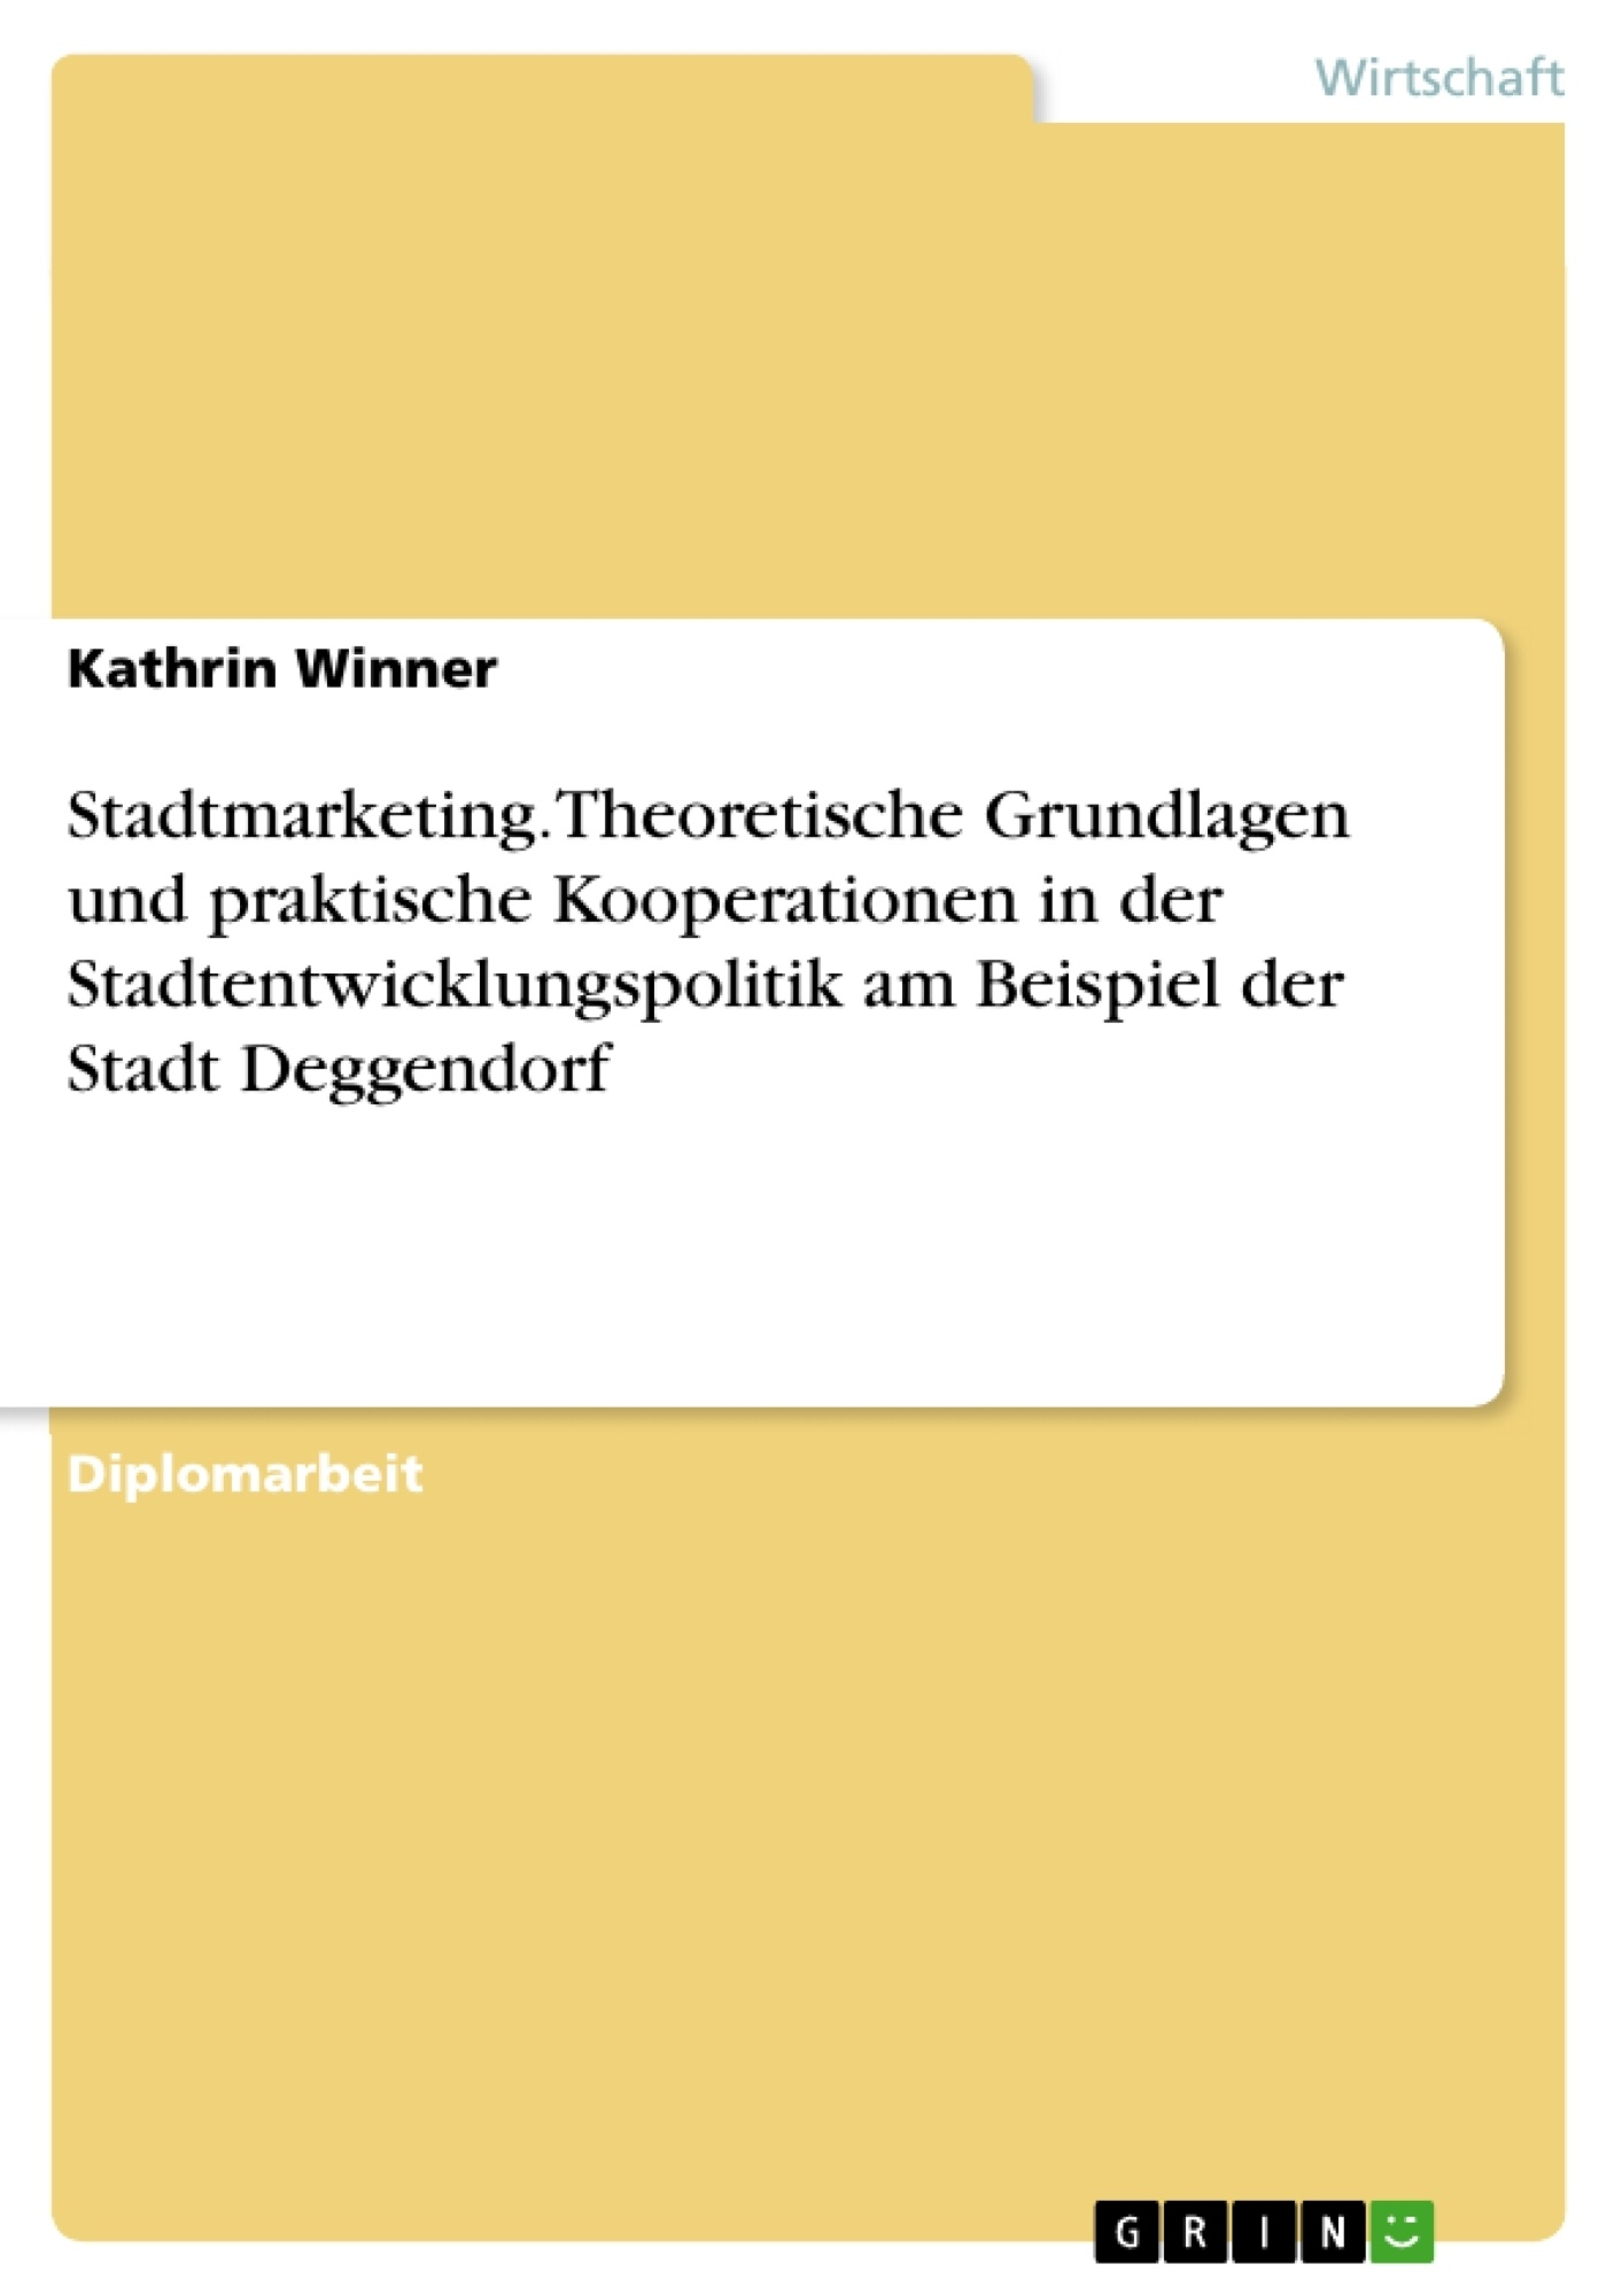 Titel: Stadtmarketing.Theoretische Grundlagen und praktische Kooperationen in der Stadtentwicklungspolitik am Beispiel der Stadt Deggendorf